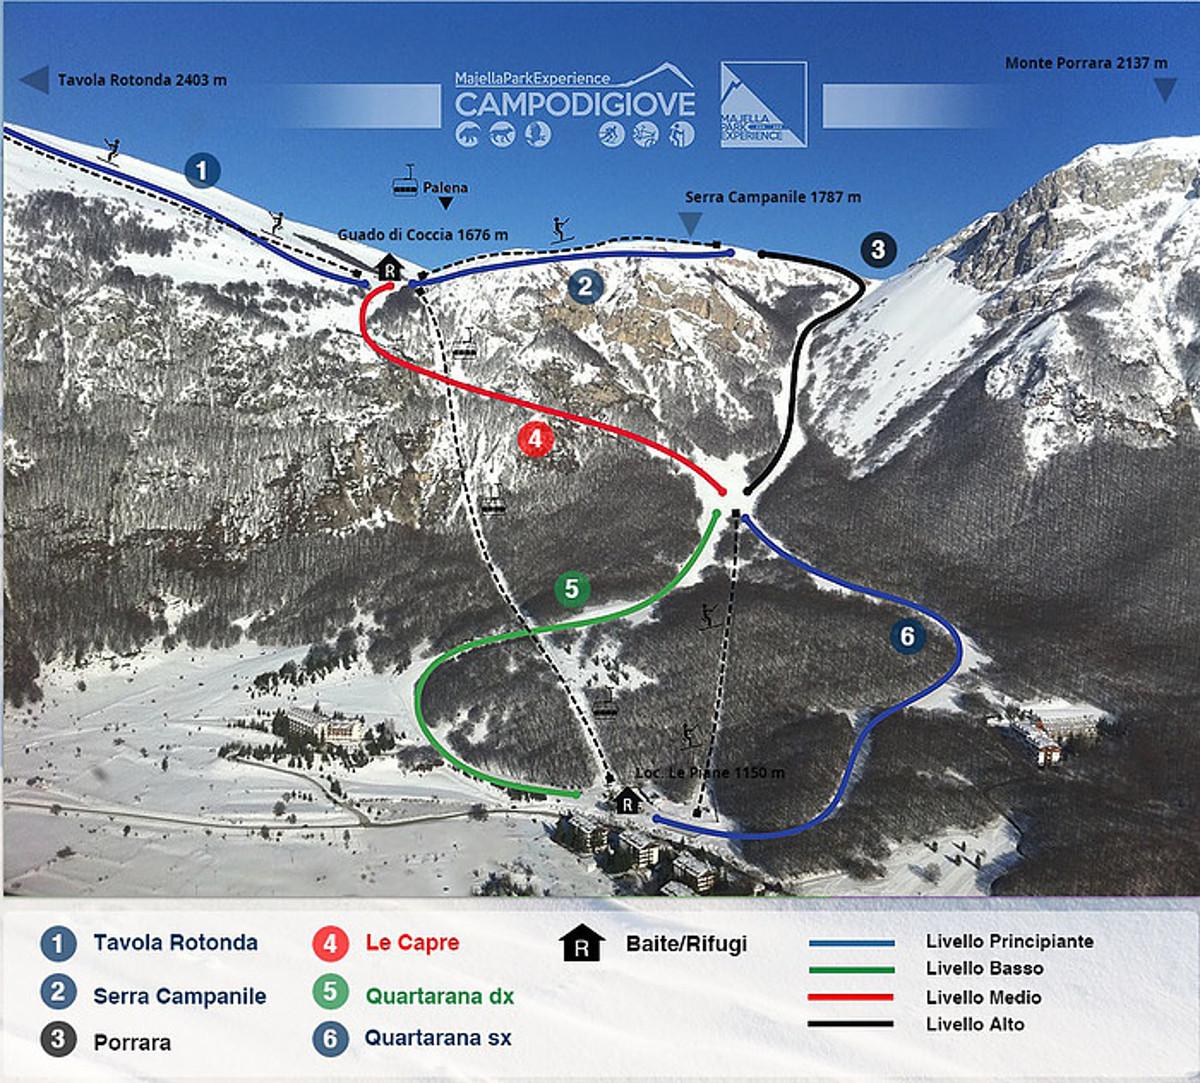 Campo di Giove Piste / Trail Map